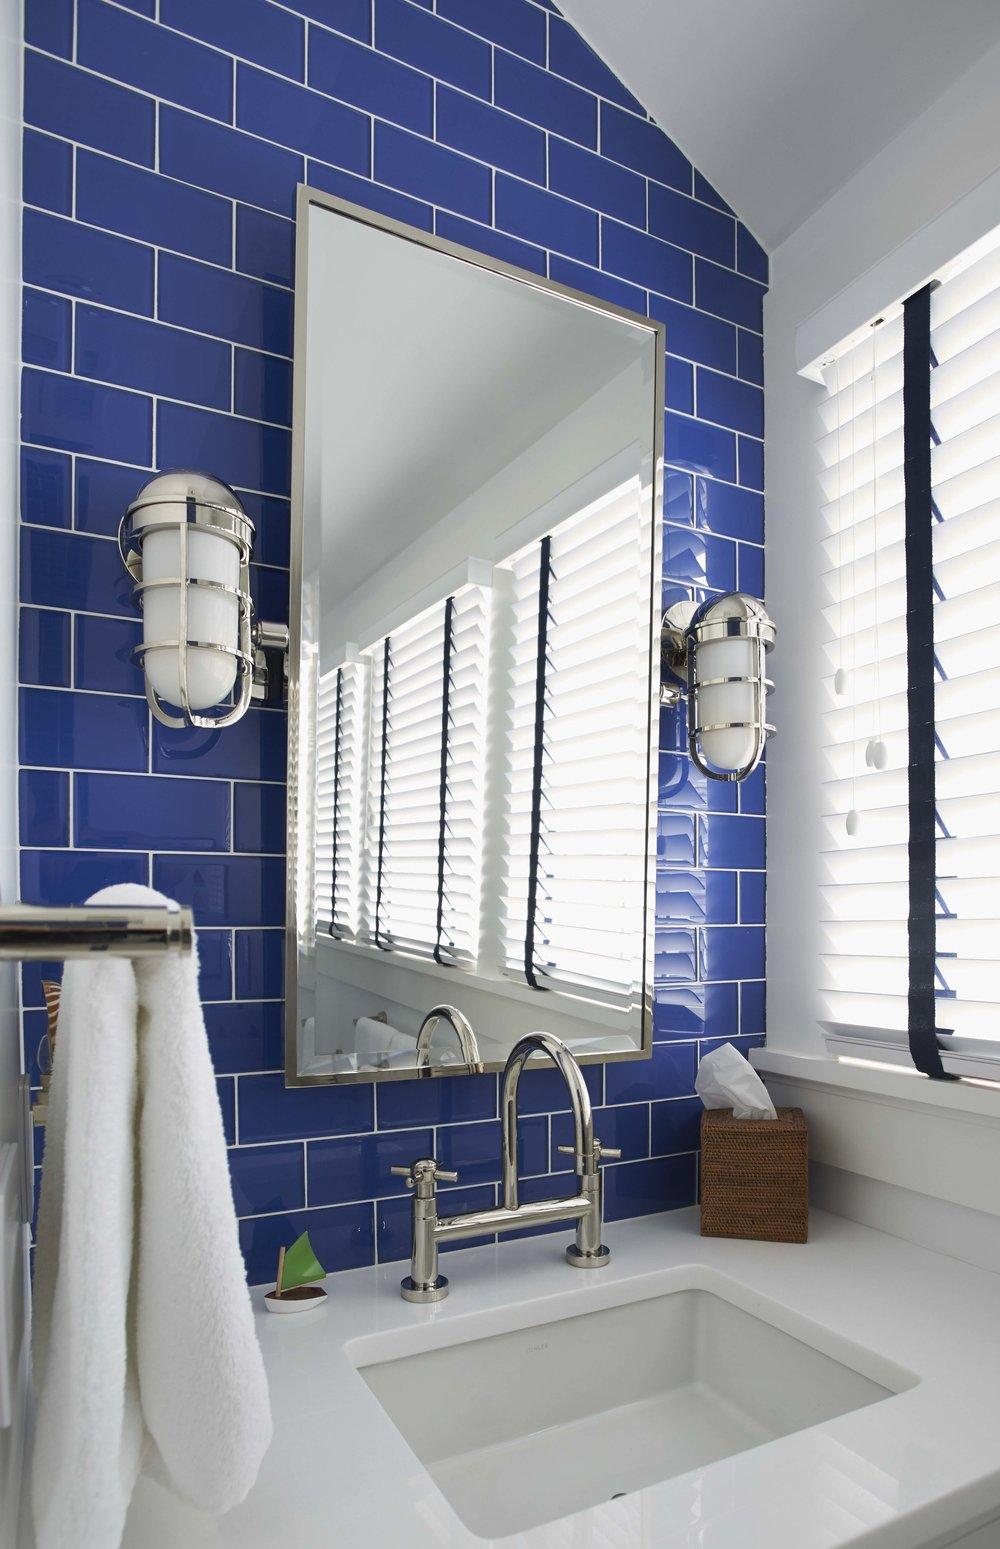 Hinnant Bunk Bath 2.jpg